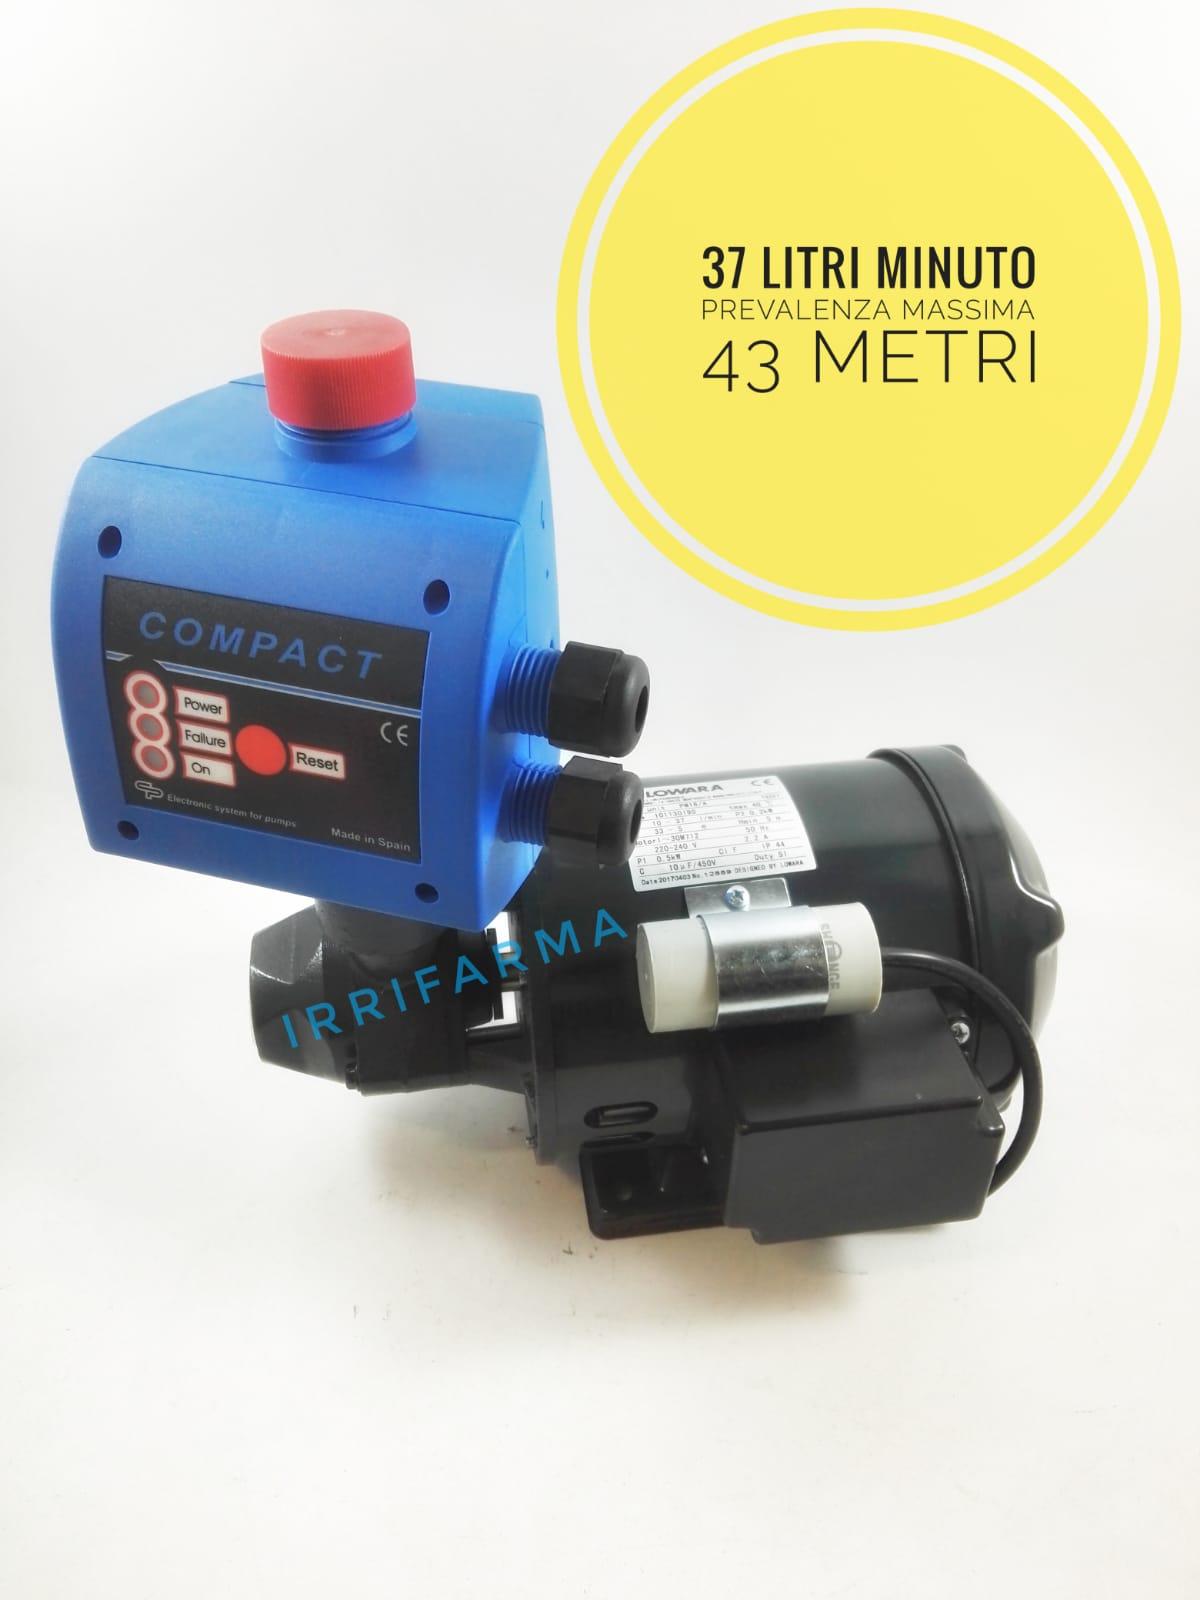 Eletropompa Lowara Pm16 con presscontrol per piccole irrigazioni o sistemi autoclave